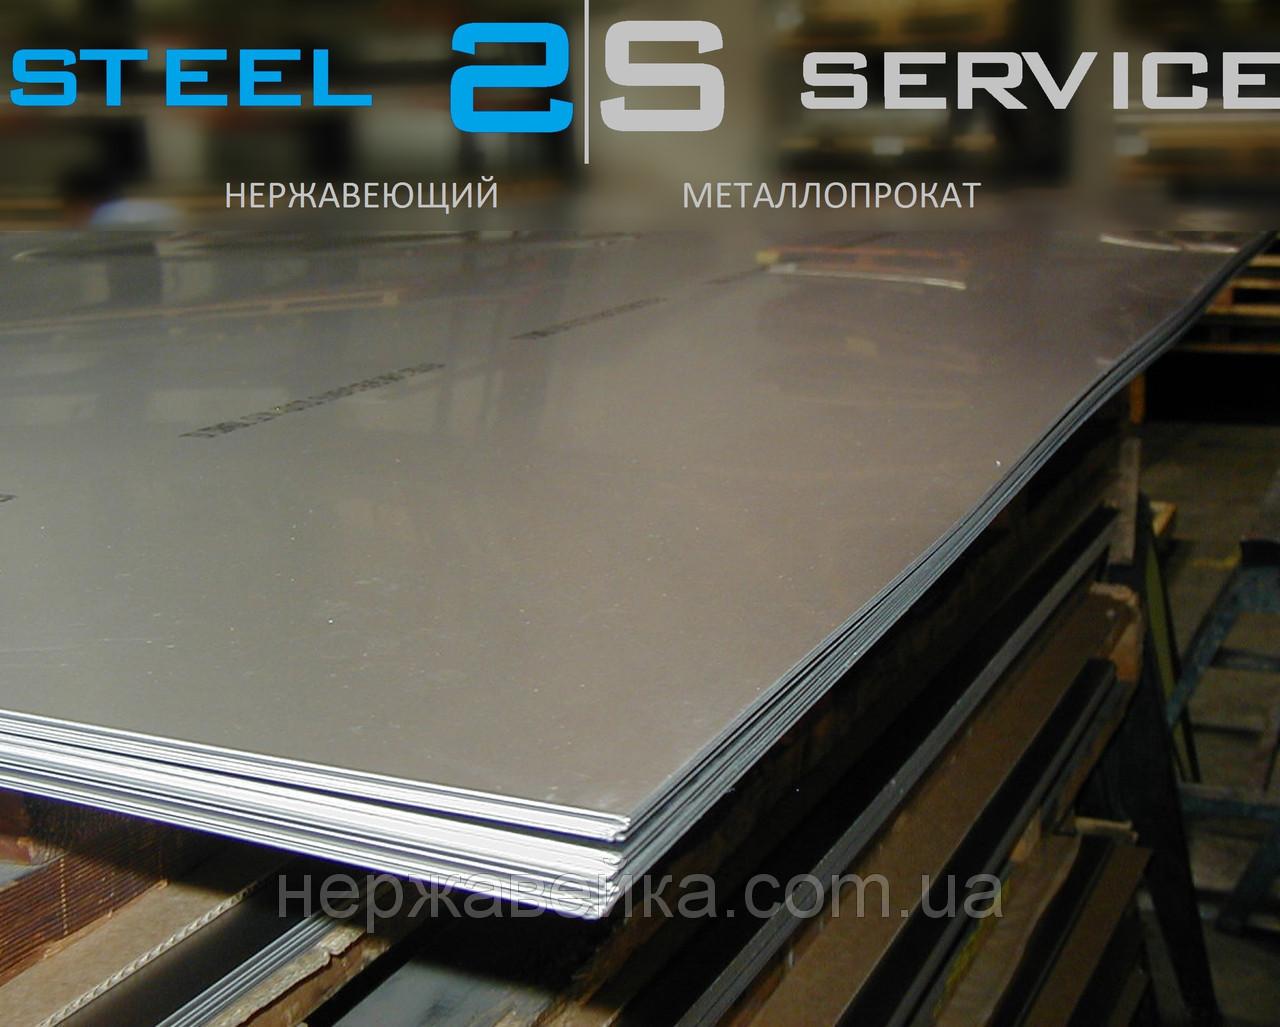 Нержавейка лист 20х1500х6000мм  AISI 310(20Х23Н18) F1 - горячекатанный,  жаропрочный